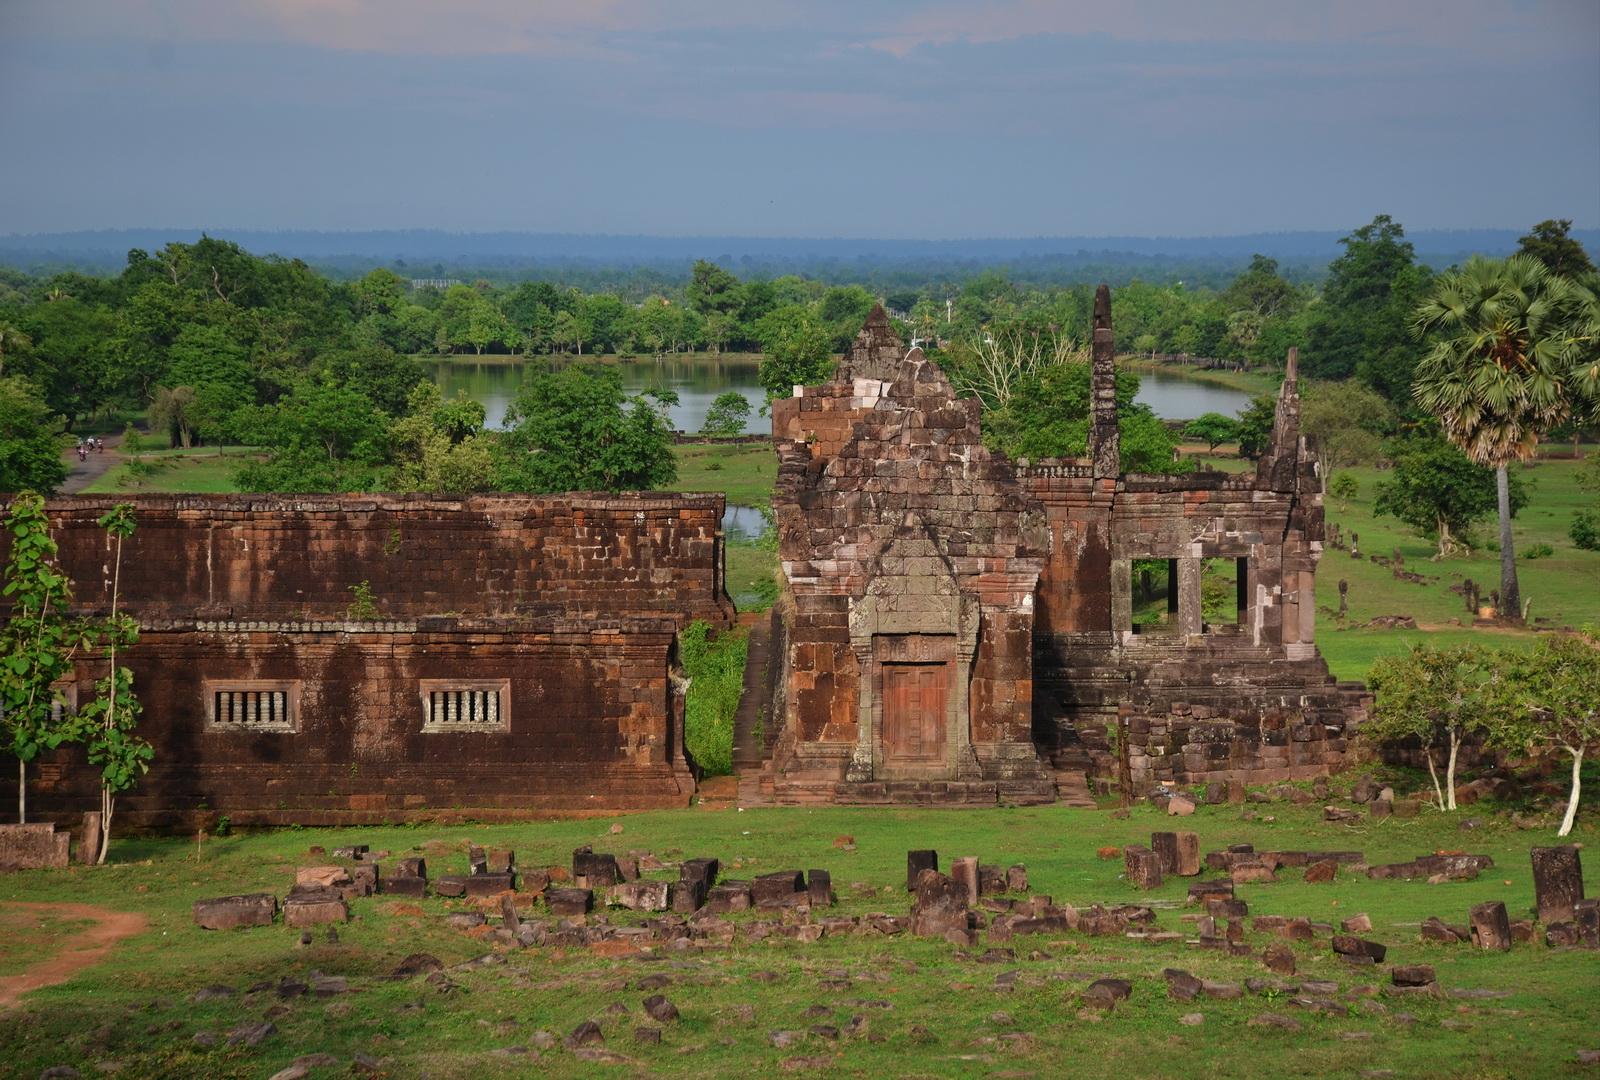 Laos, Wat Phu